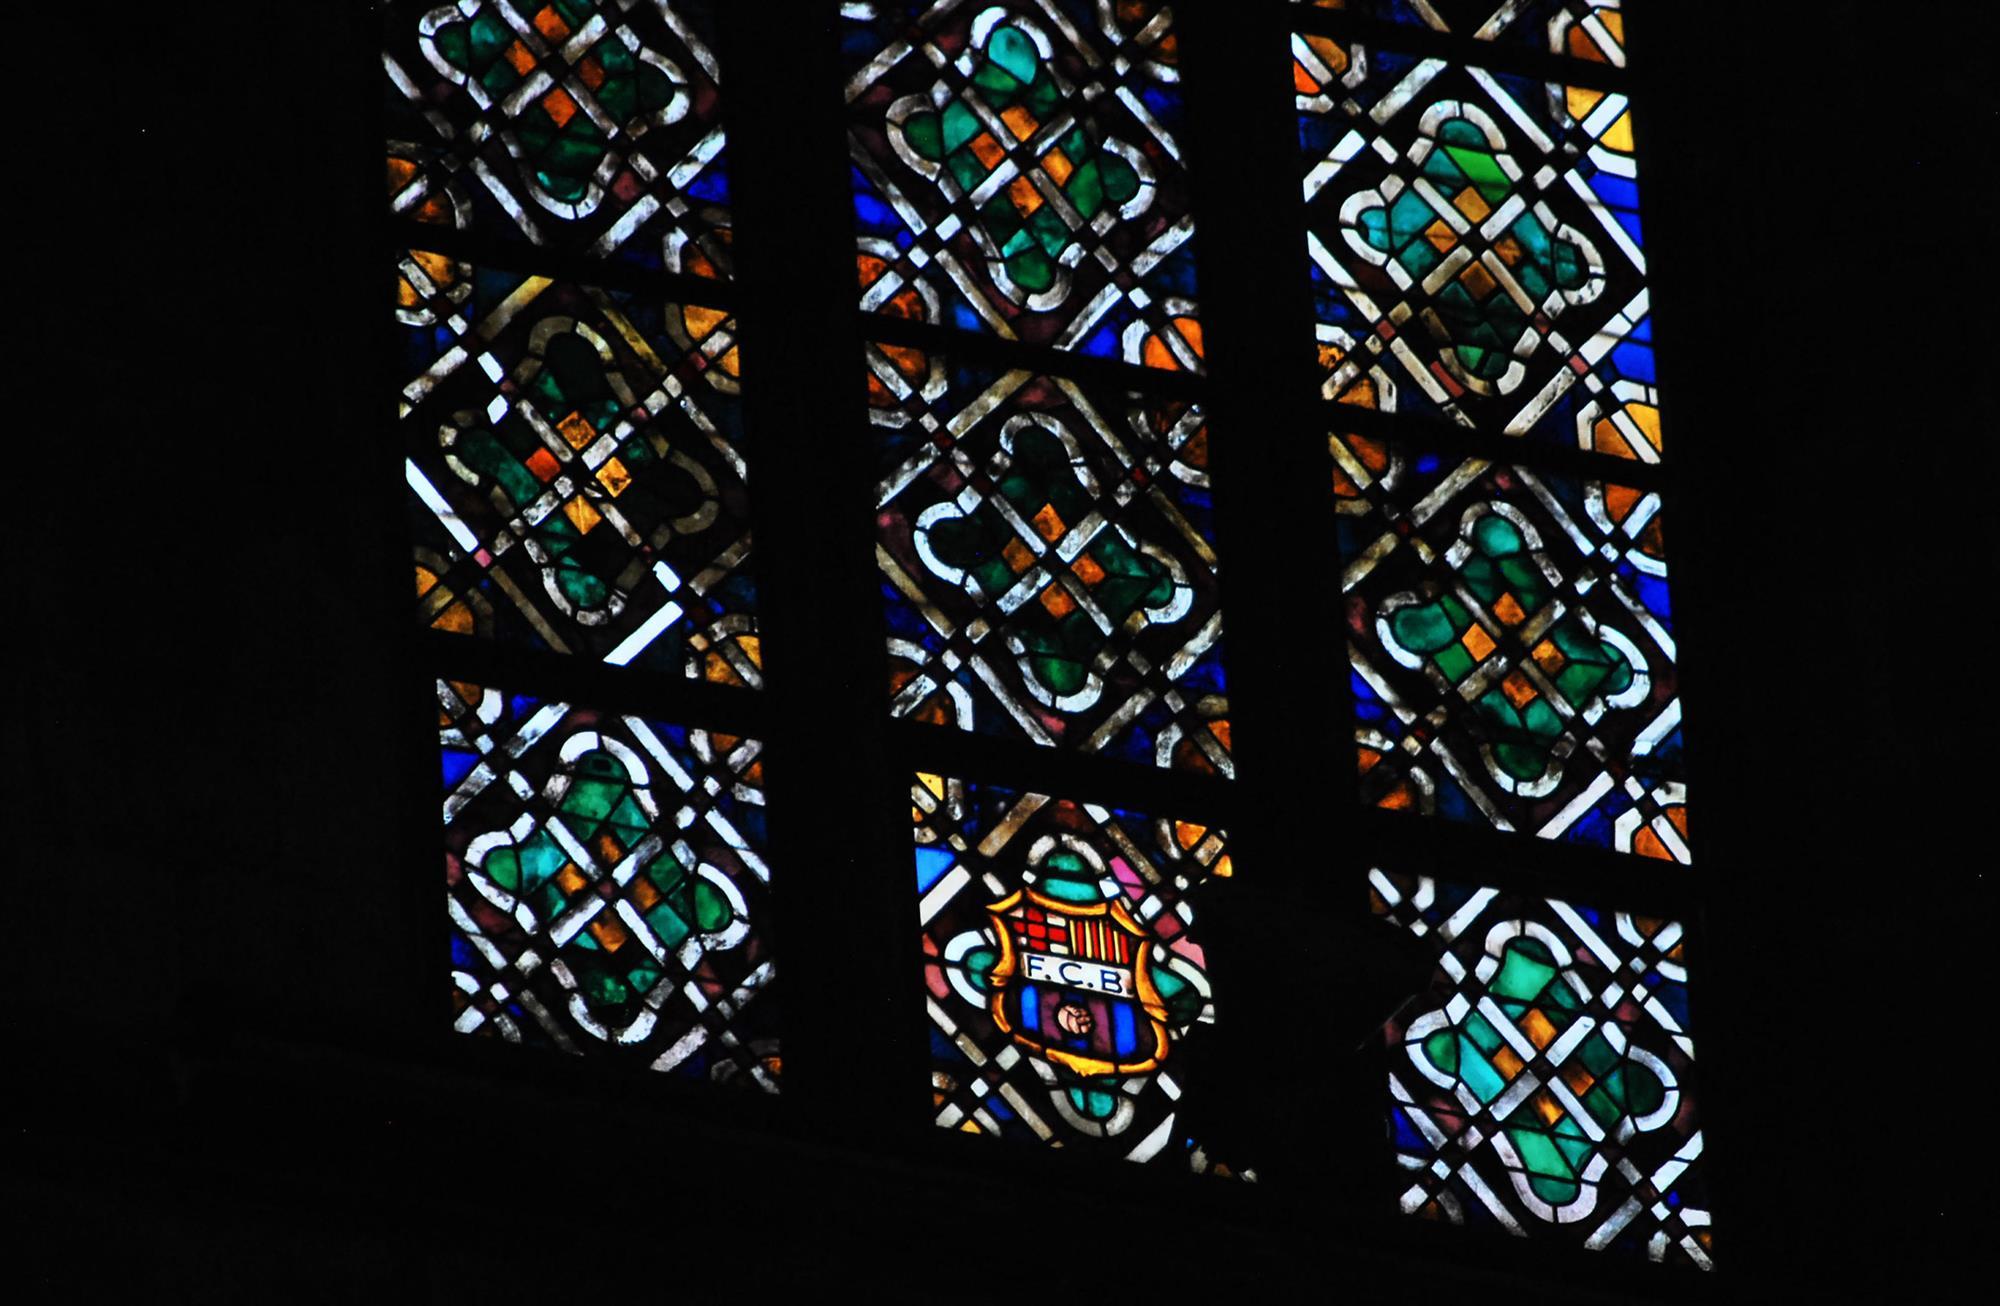 escudo-barca-catedral-mar. Escudo del F.C Barcelona en las vidrieras de la Catedral del Mar